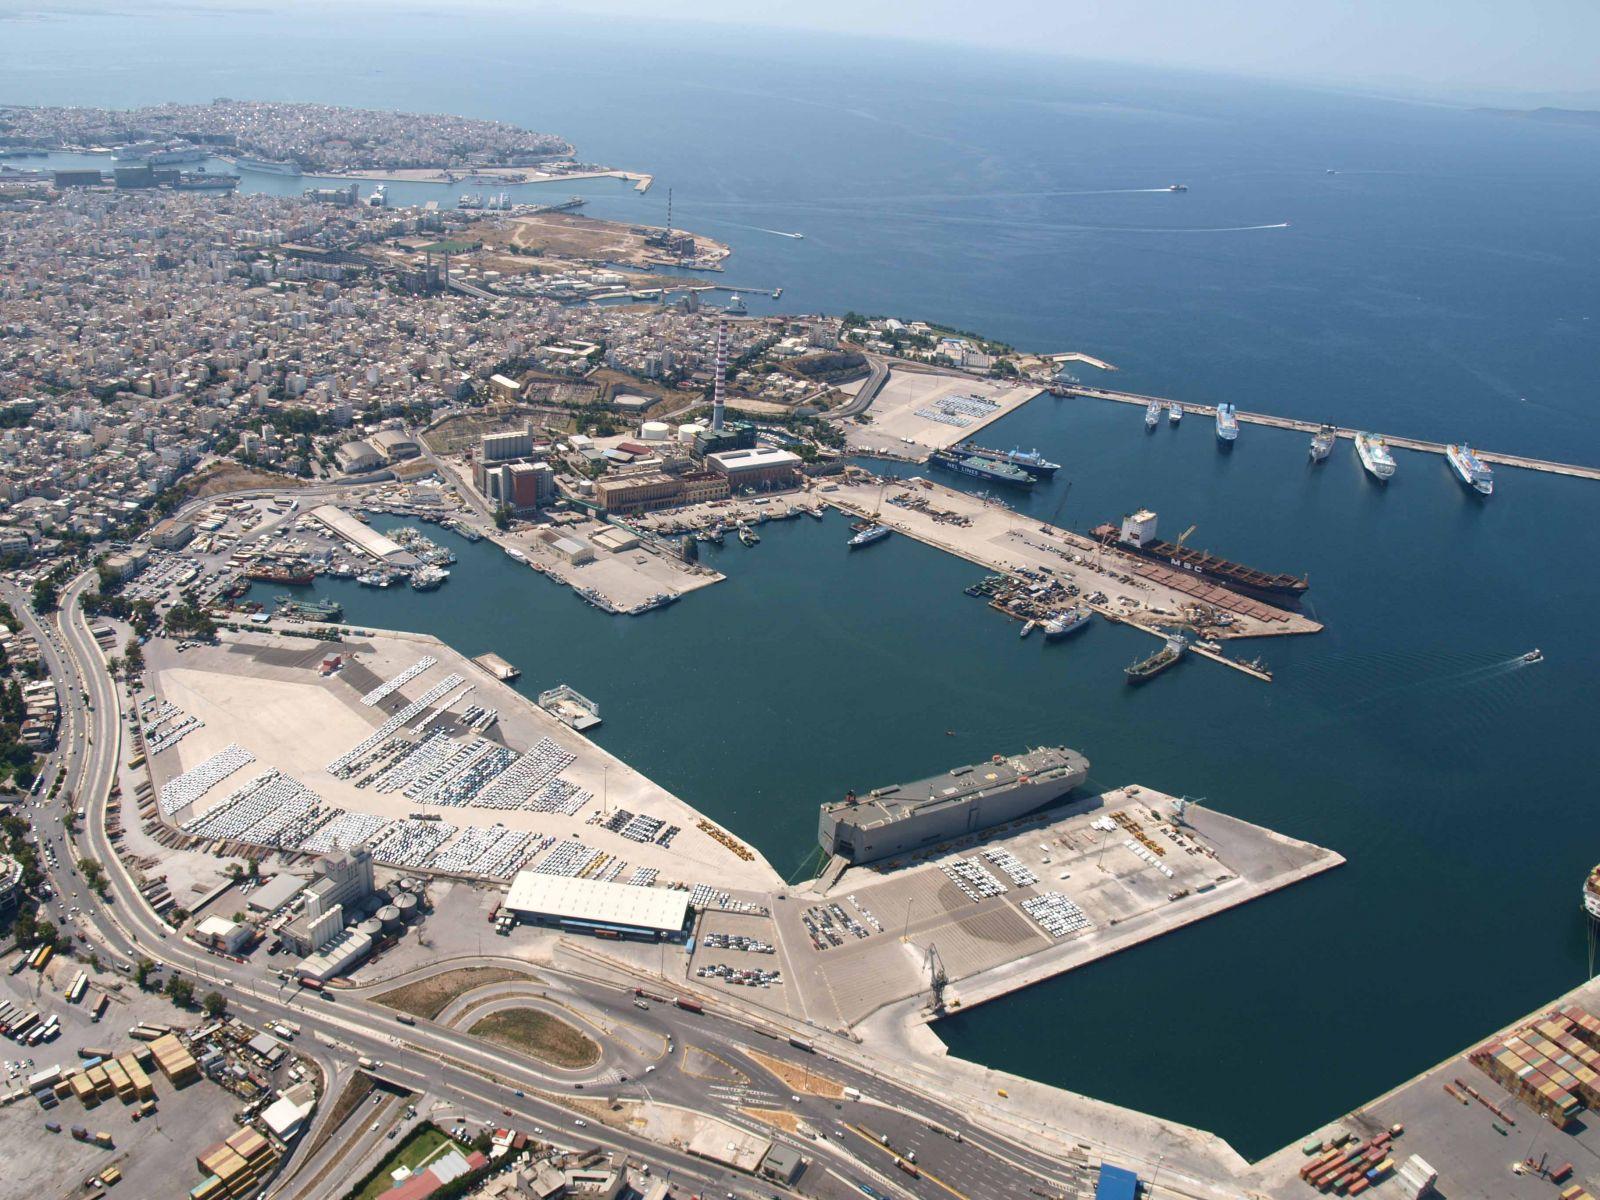 Έργα στο Λιμάνι του Πειραιά - Περιβαλλοντικό Έγκλημα στον Σαρωνικό